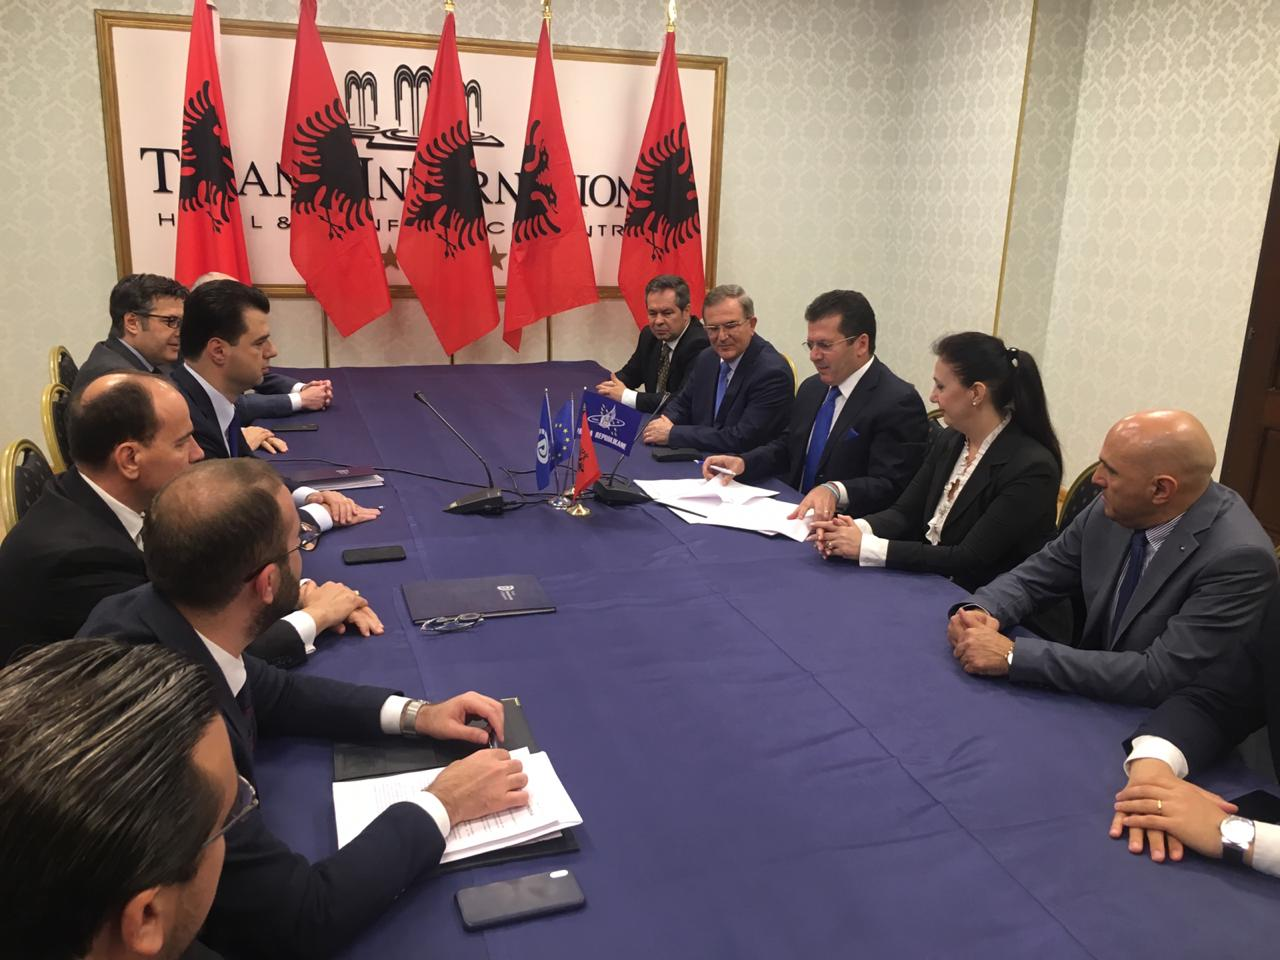 Zyrtarizohet koalicioni opozitar me 8 parti, Basha: Pamundësojmë zgjedhjet fasadë